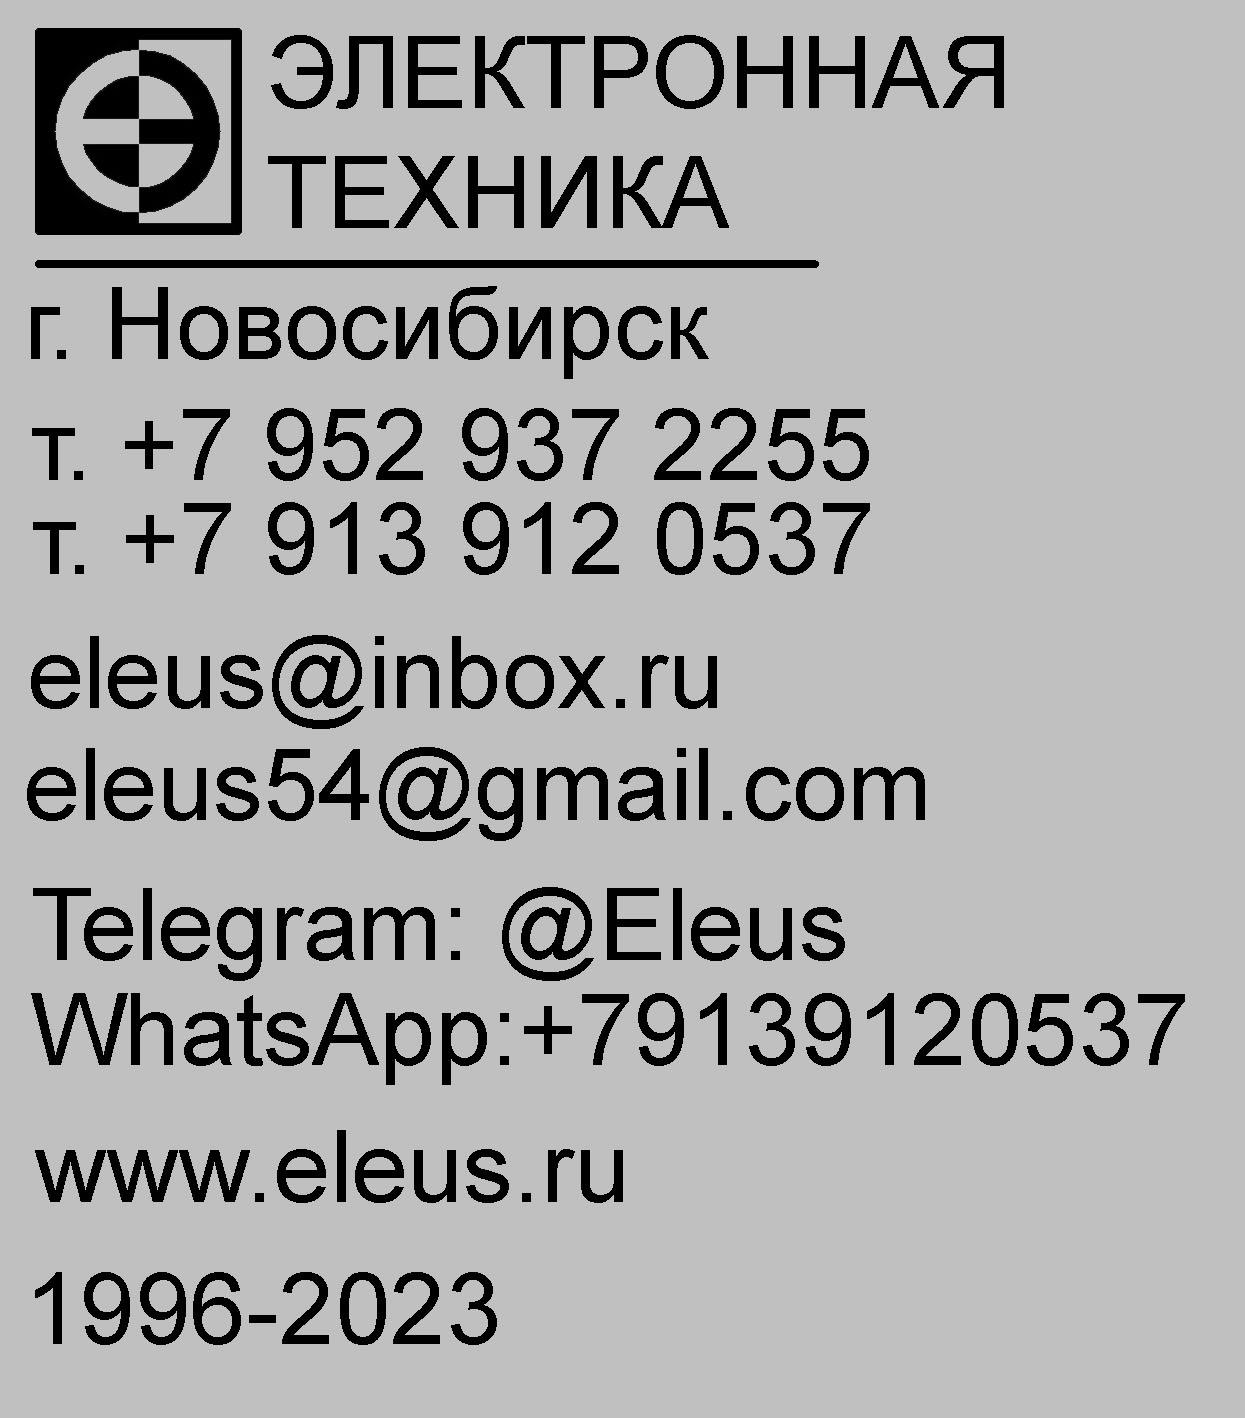 Контакты: адреса и телефоны.